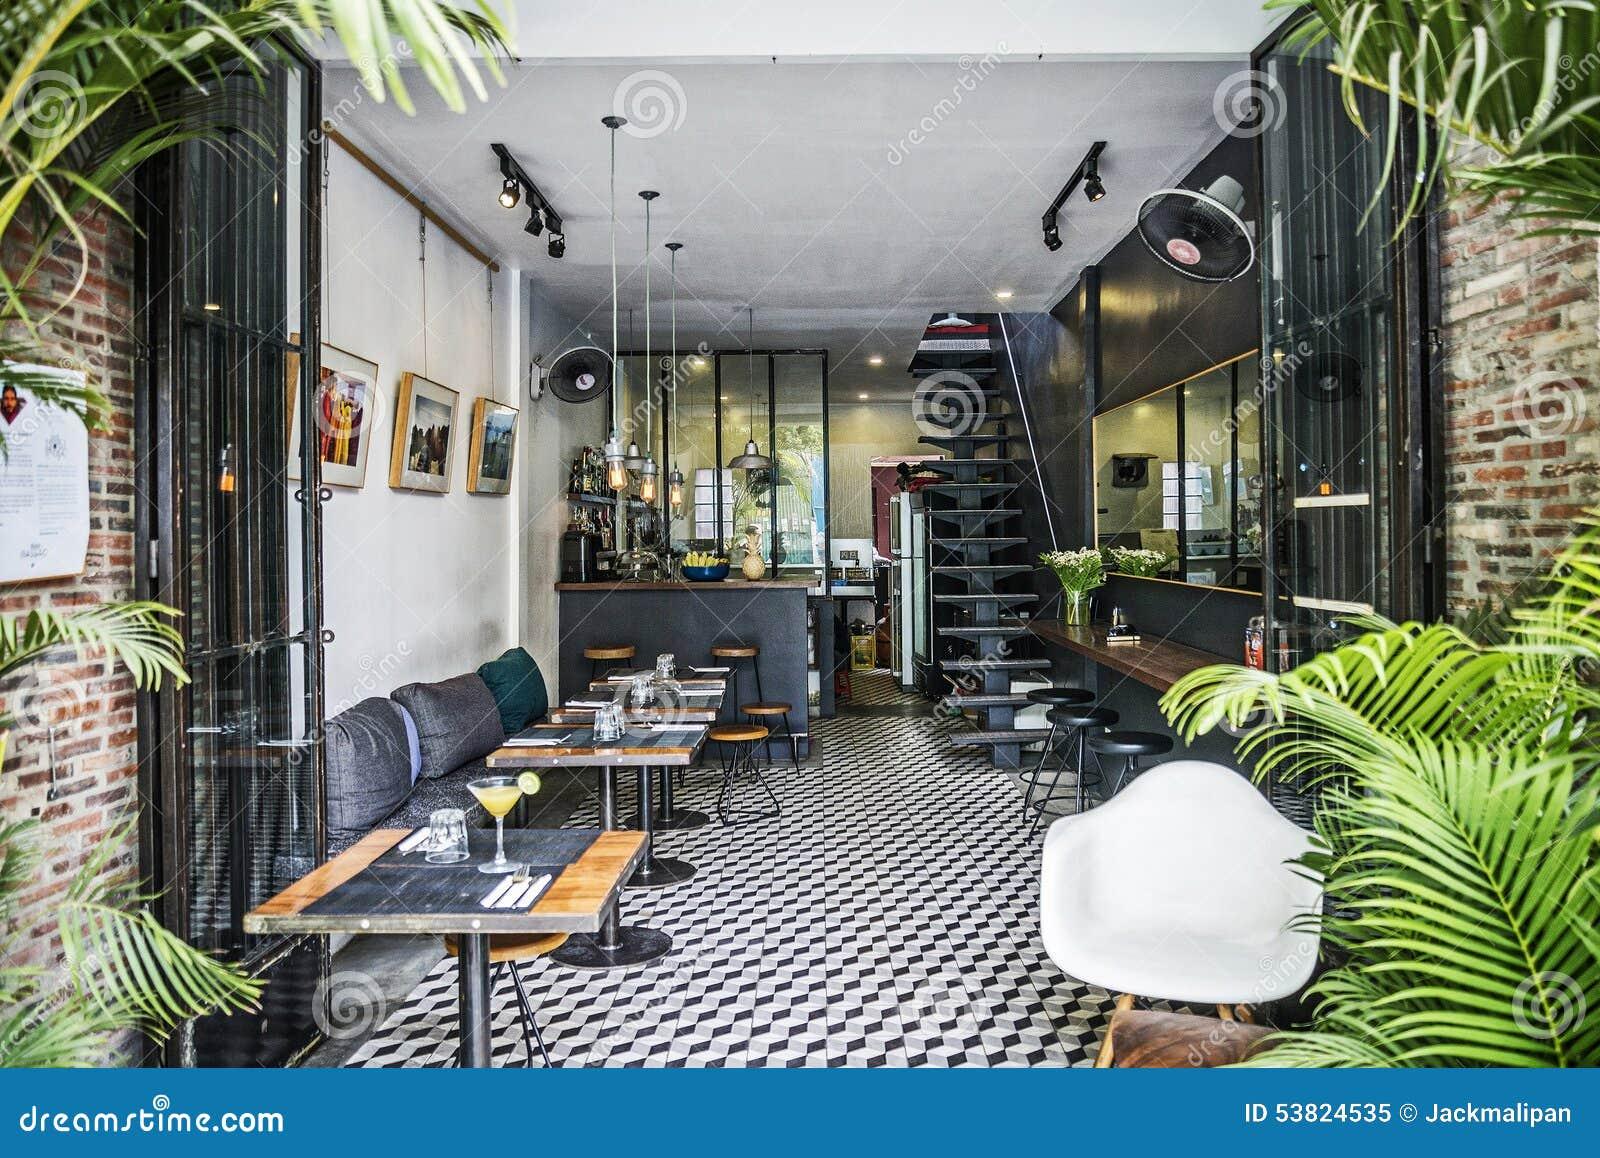 Trendy retro style restaurant interior design editorial